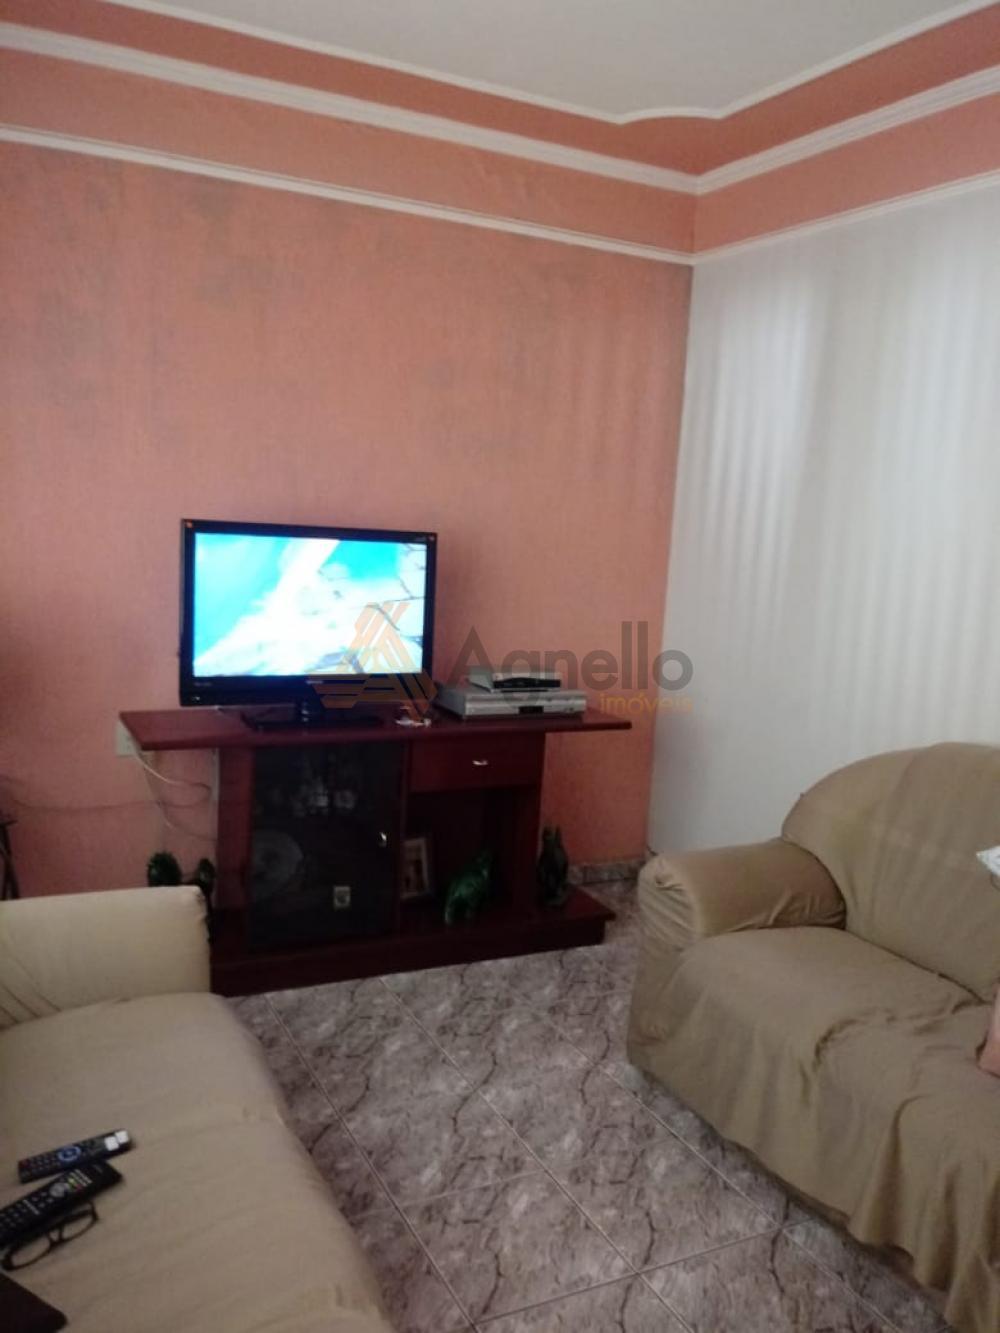 Comprar Casa / Bairro em Franca R$ 150.000,00 - Foto 4